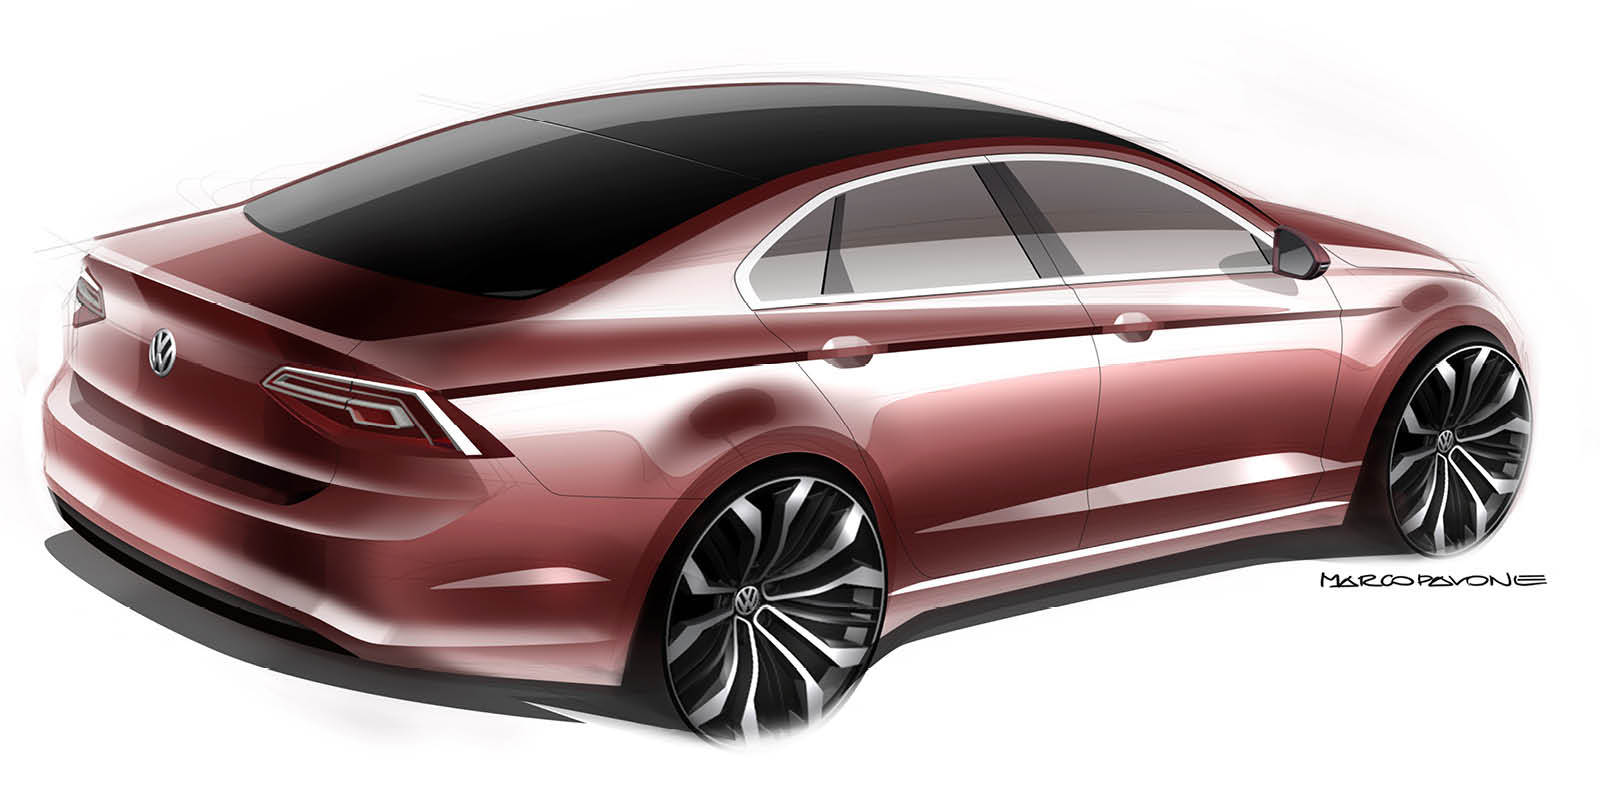 Volkswagen New Midsize Coupé Concept